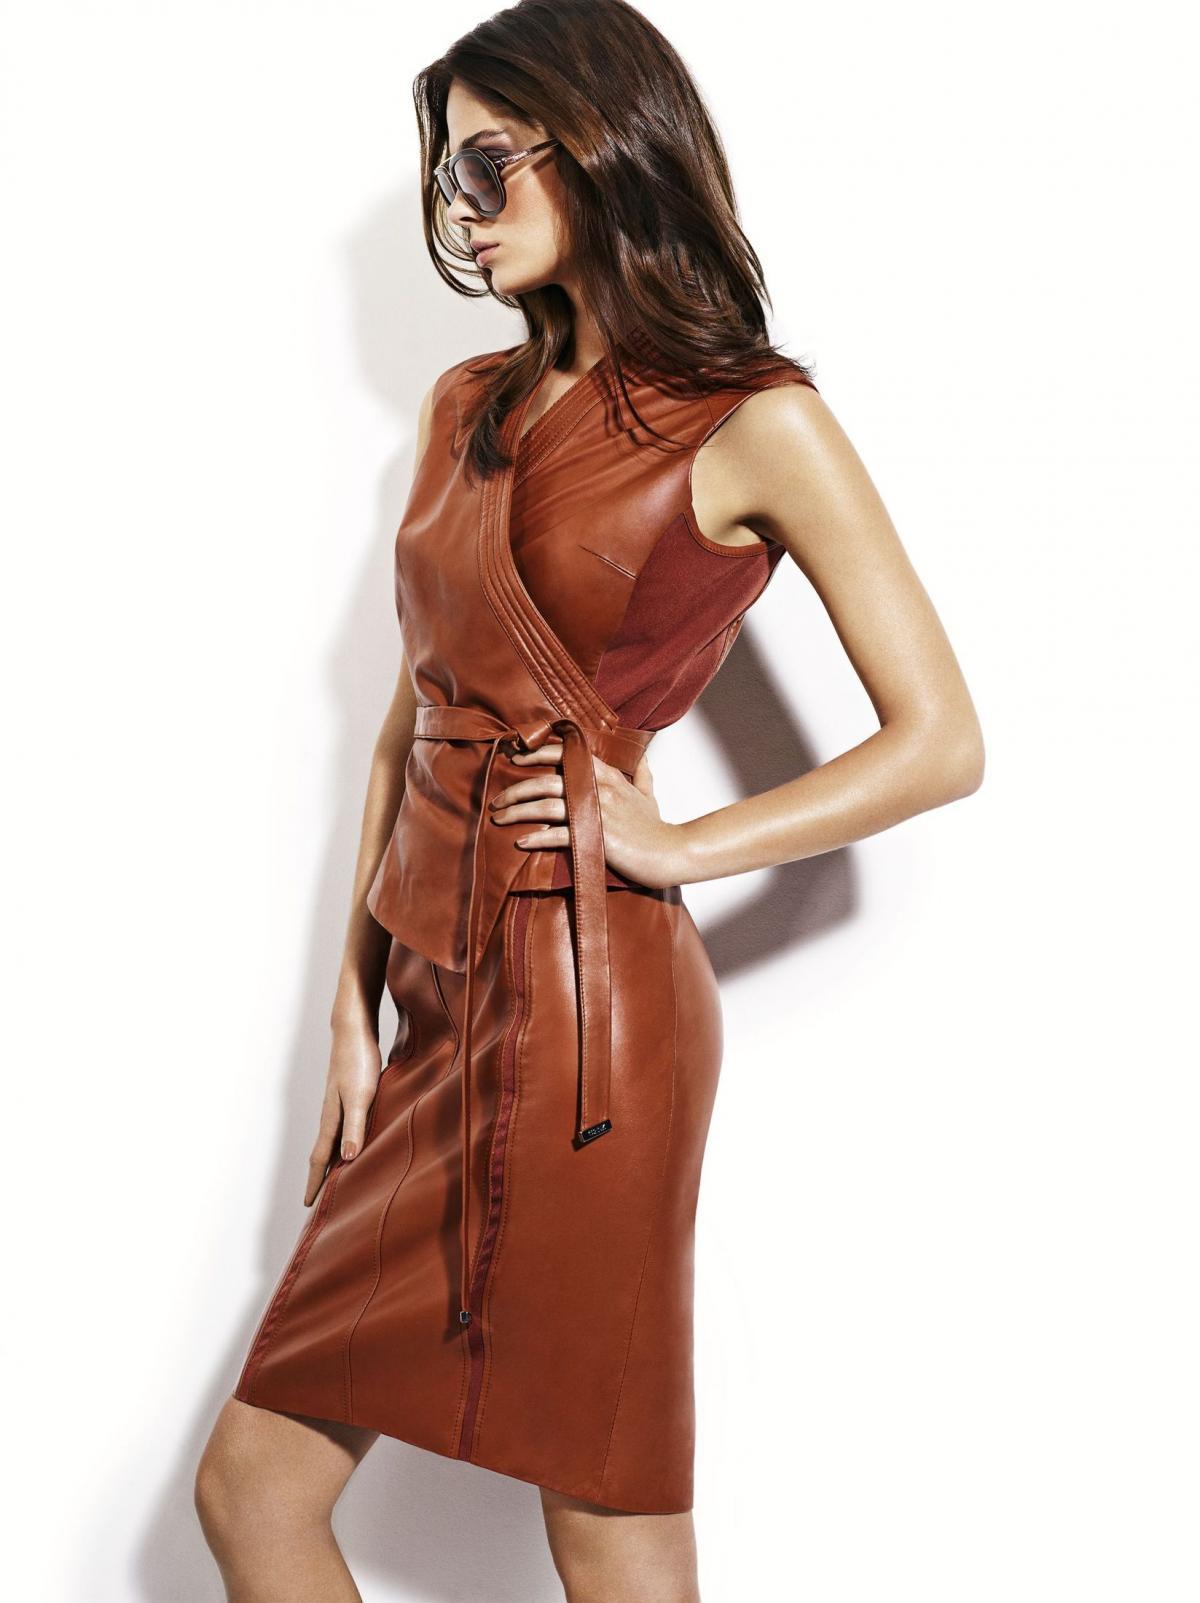 brązowa sukienka Ochnik  - trendy 2013